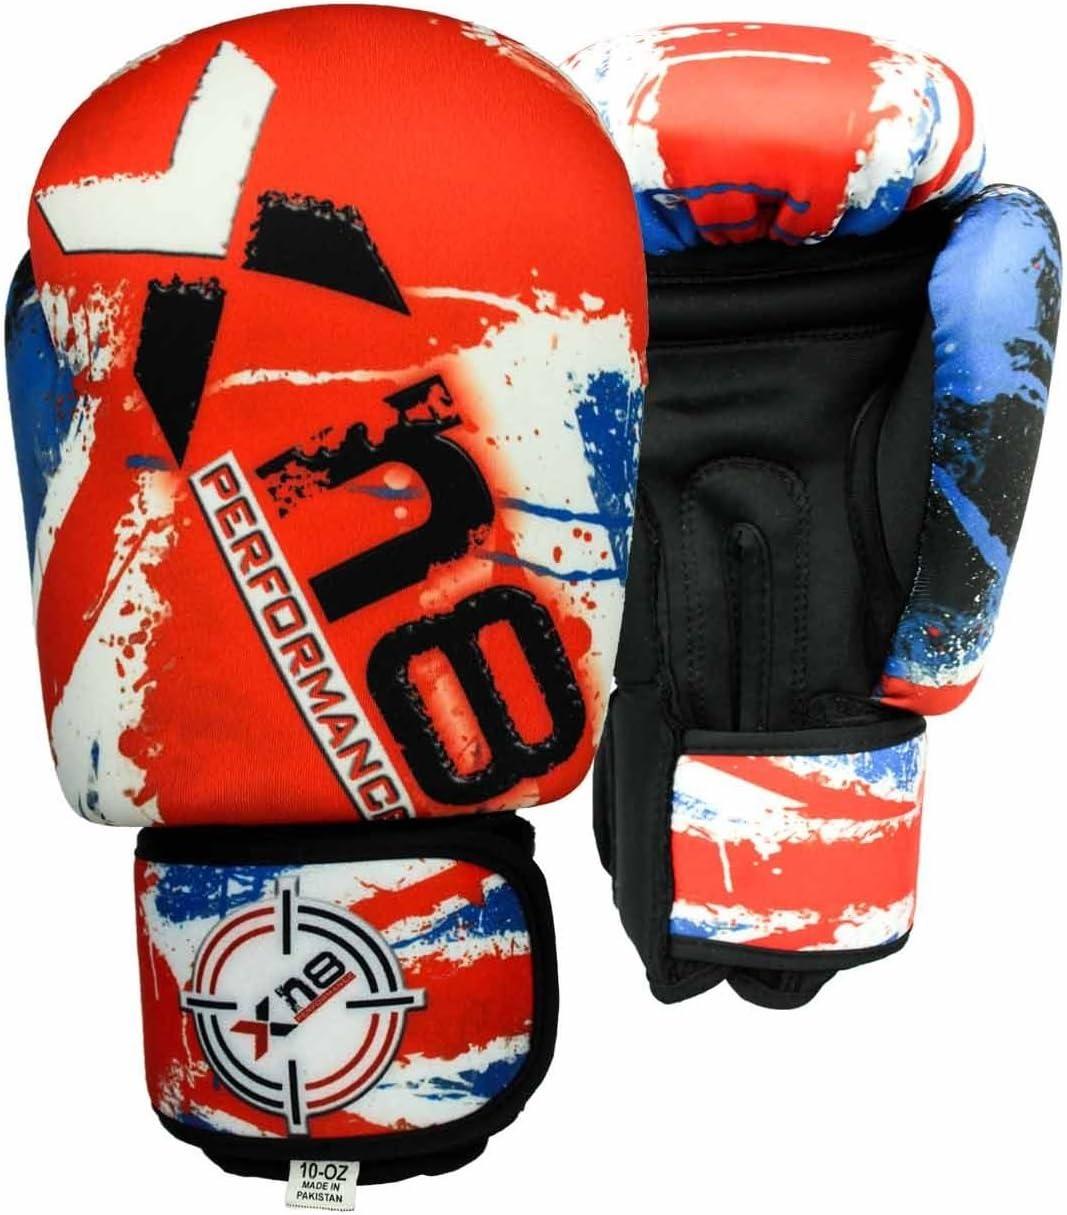 Guantes de boxeo de neopreno lavables para MMA, Muay Thai, golpear el saco, Kick boxing, etc. Para entrenamiento de artes marciales, con diseño de la bandera del Reino Unido, color UK Flag,